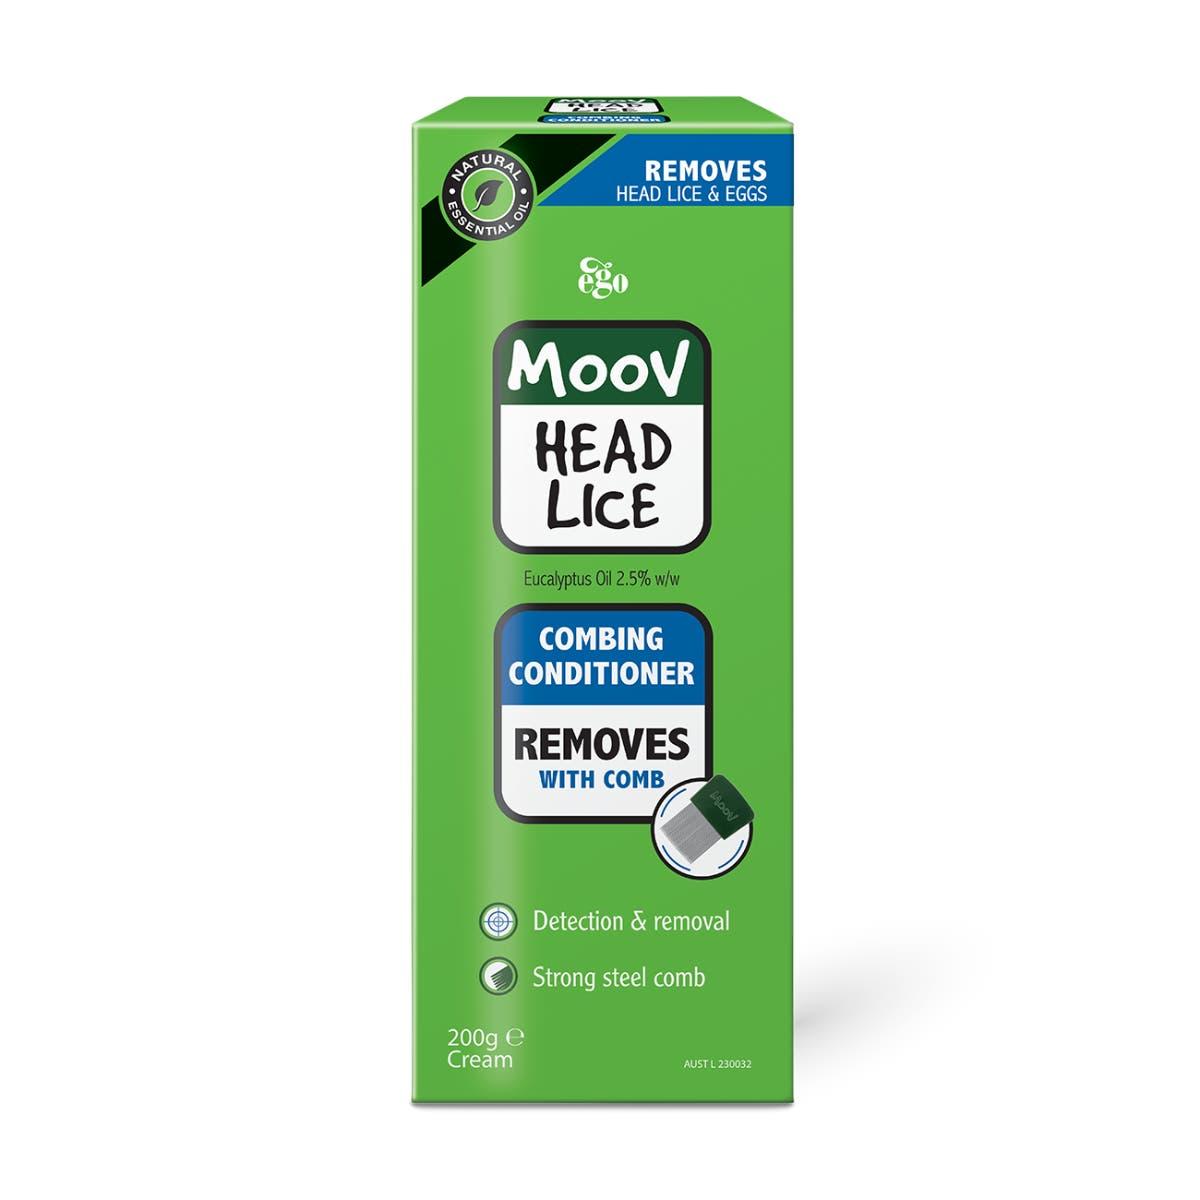 MOOV Head Lice Combing Conditioner 200g